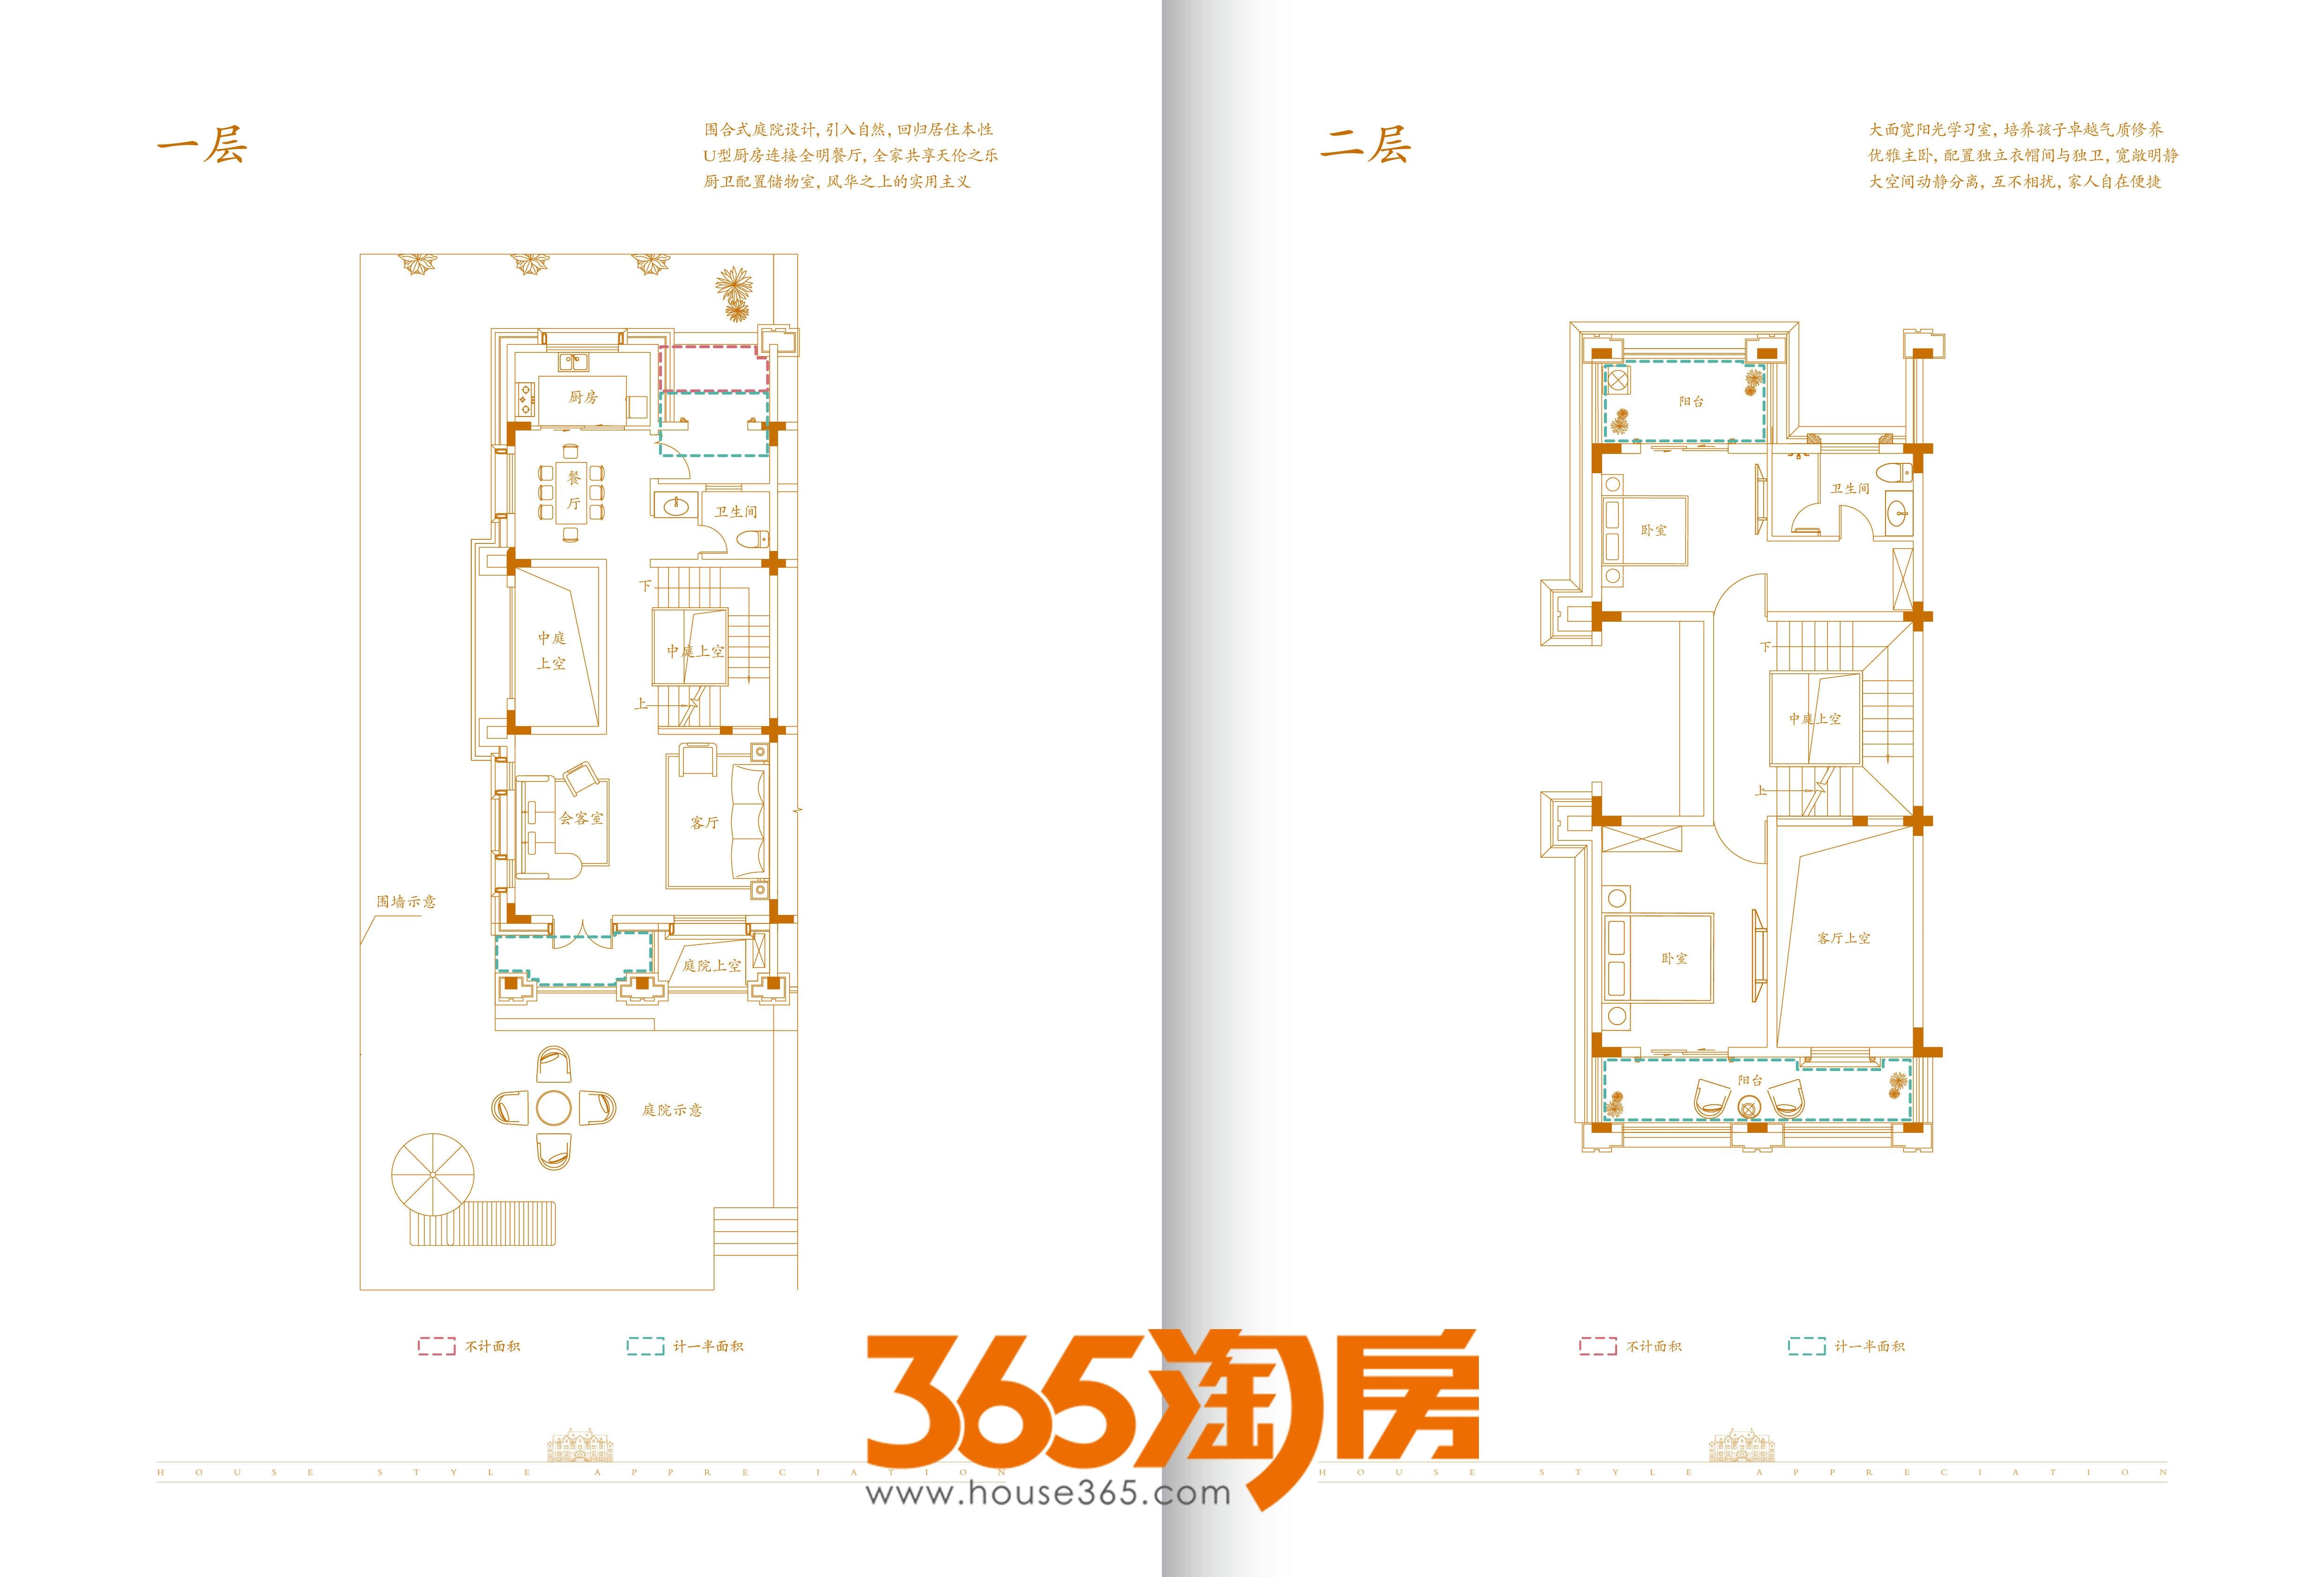 合肥云谷别墅317㎡一层二层户型图